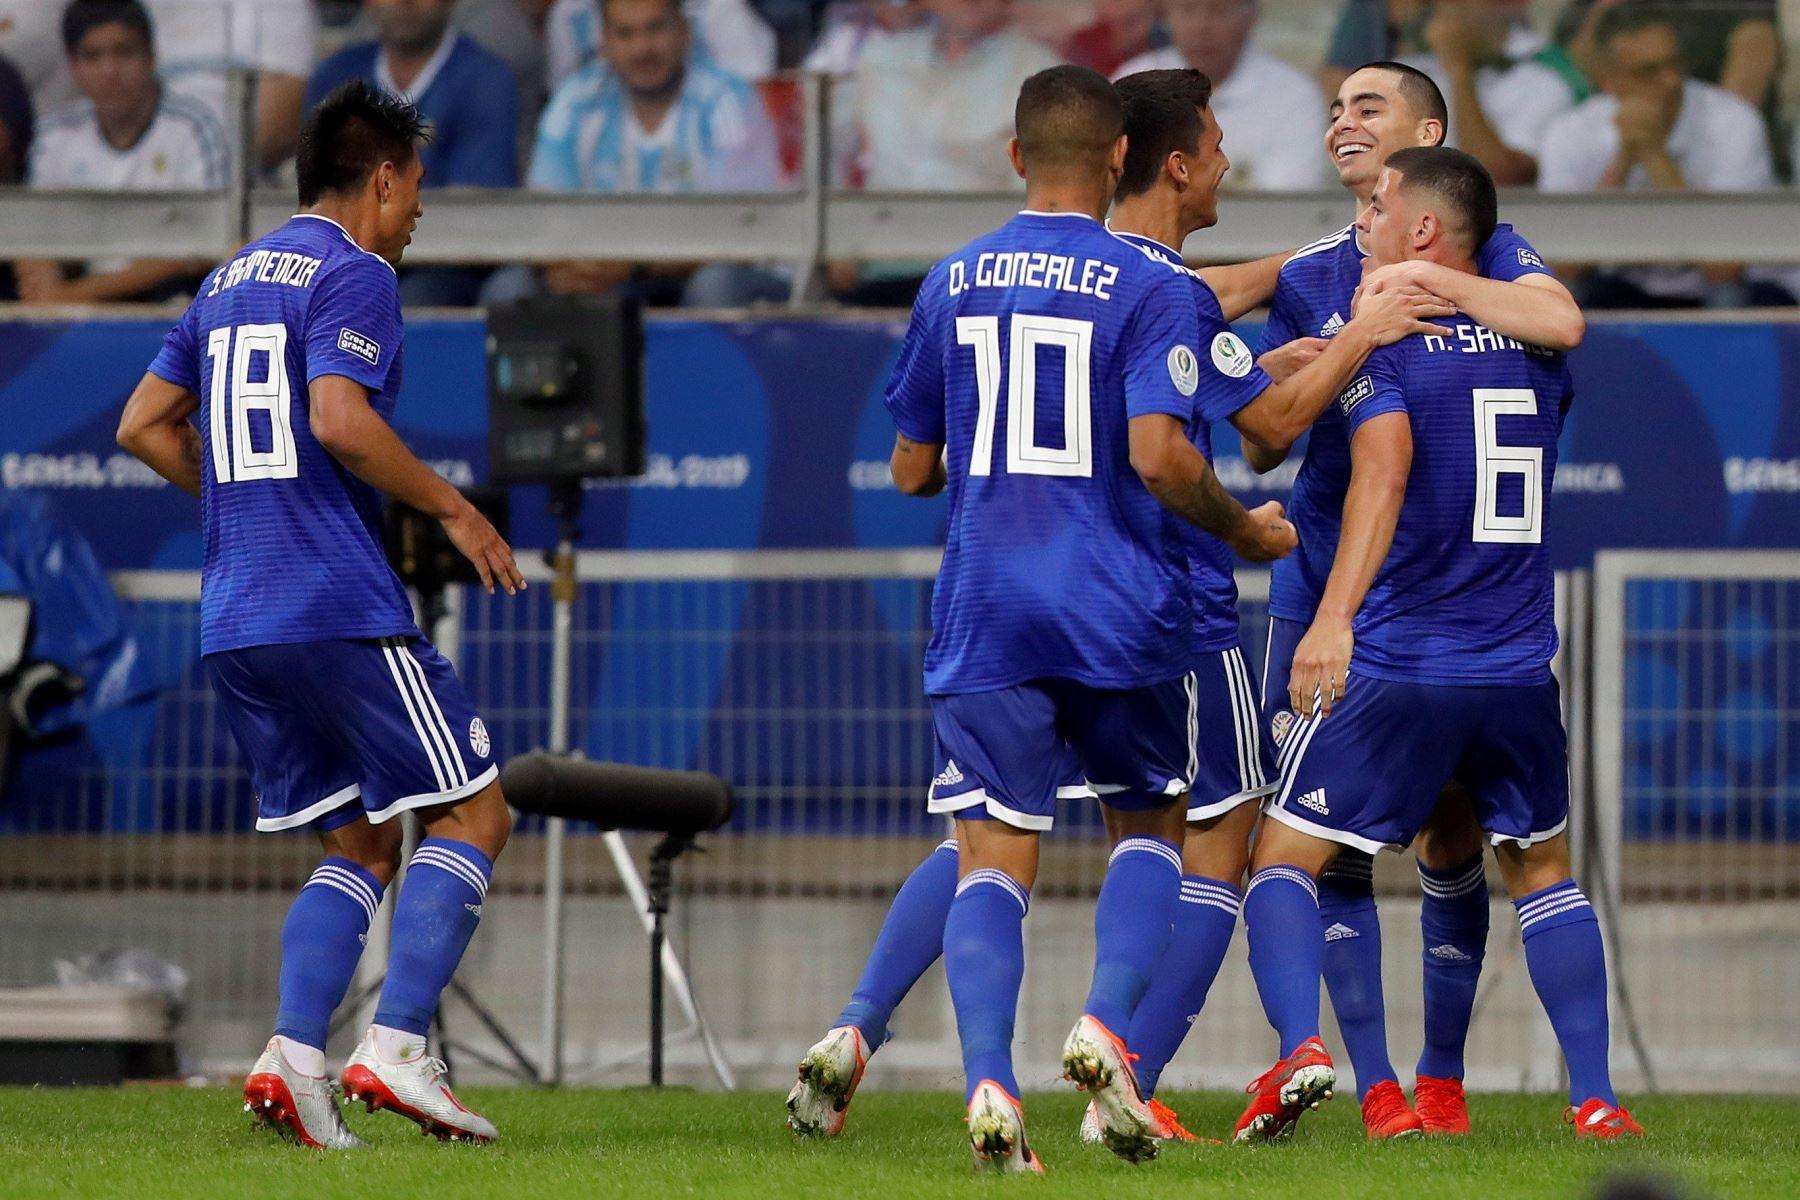 Jugadores de Paraguay celebran un gol durante el partido Argentina-Paraguay del Grupo B de la Copa América de Fútbol 2019, en el Estadio Mineirão de Bello Horizonte, Brasil. Foto: AFP